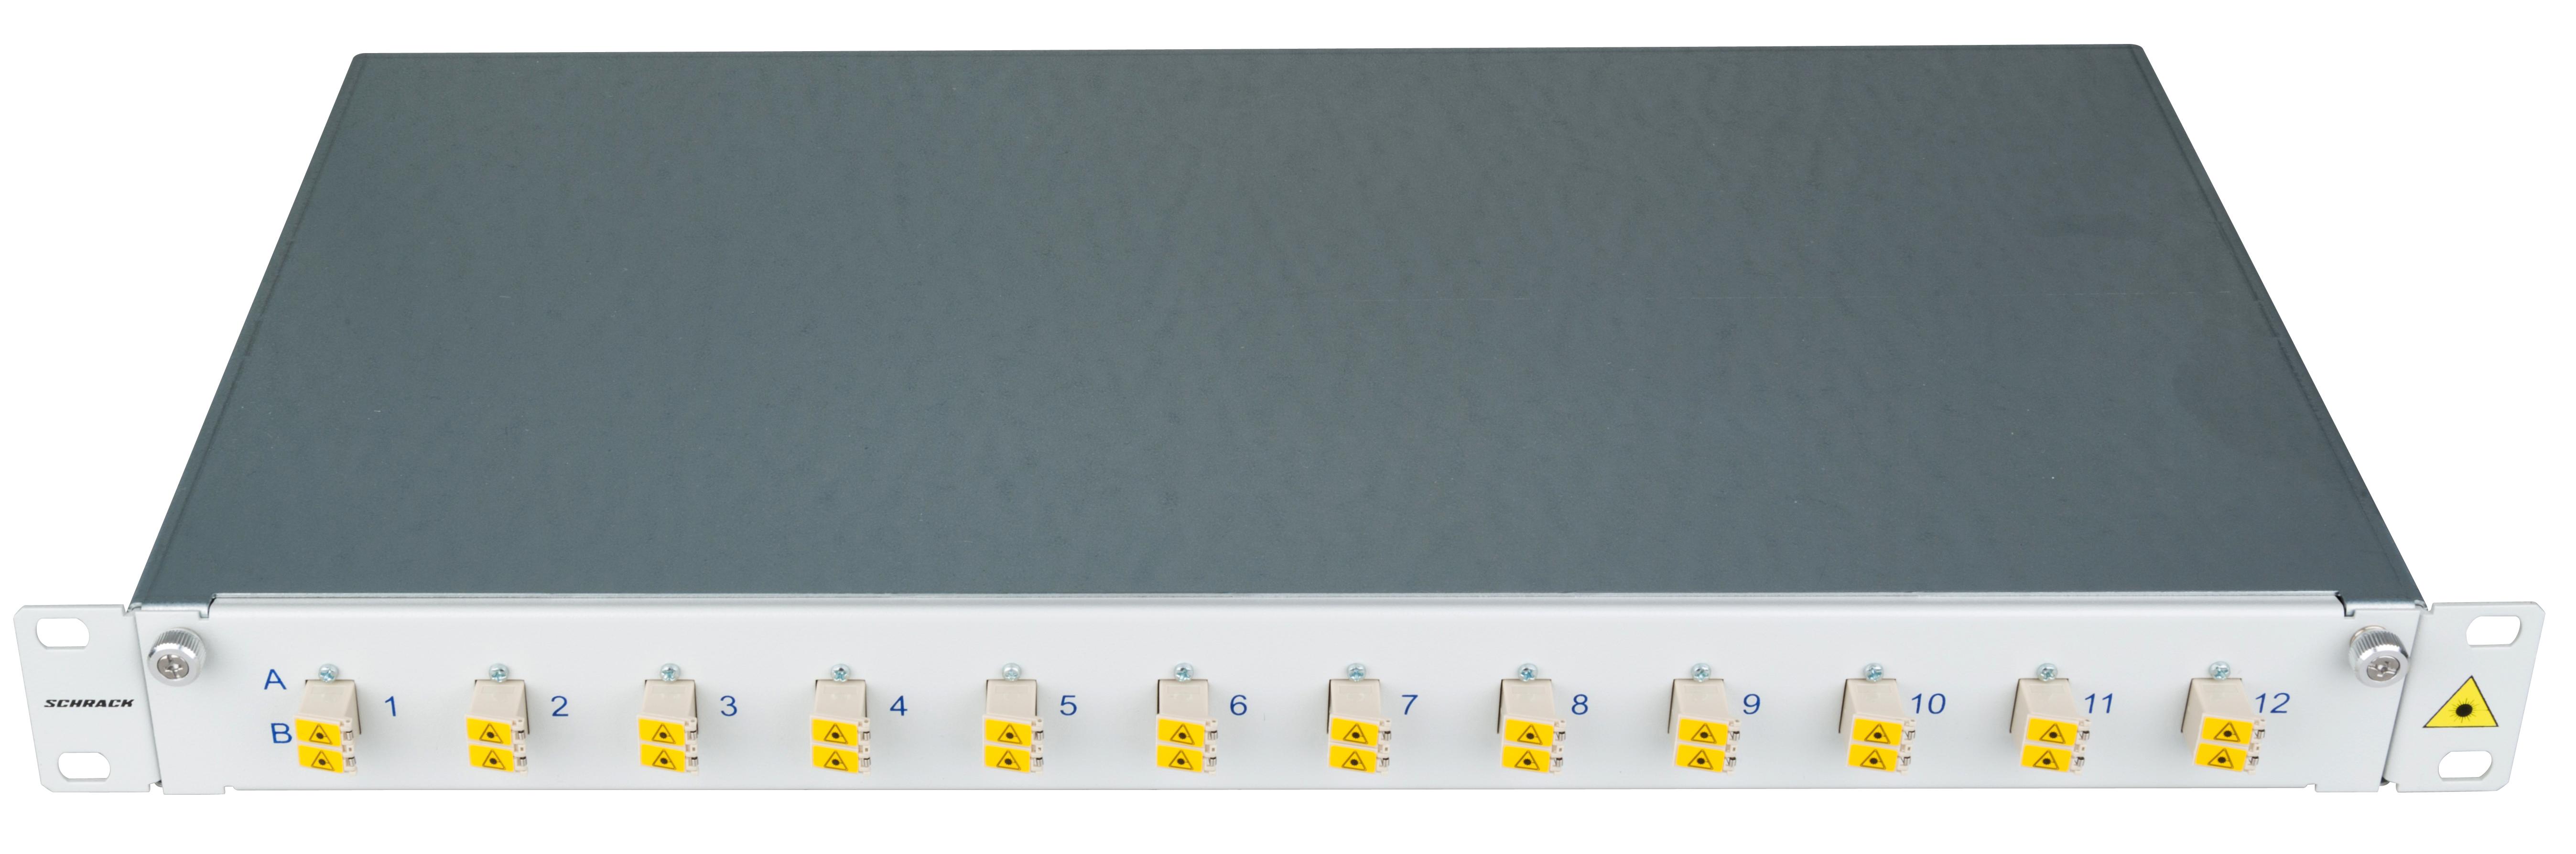 1 Stk LWL Patchpanel 19, 1 HE, ausziehbar, für 16 Fasern, LC, MM HSELS16MLG